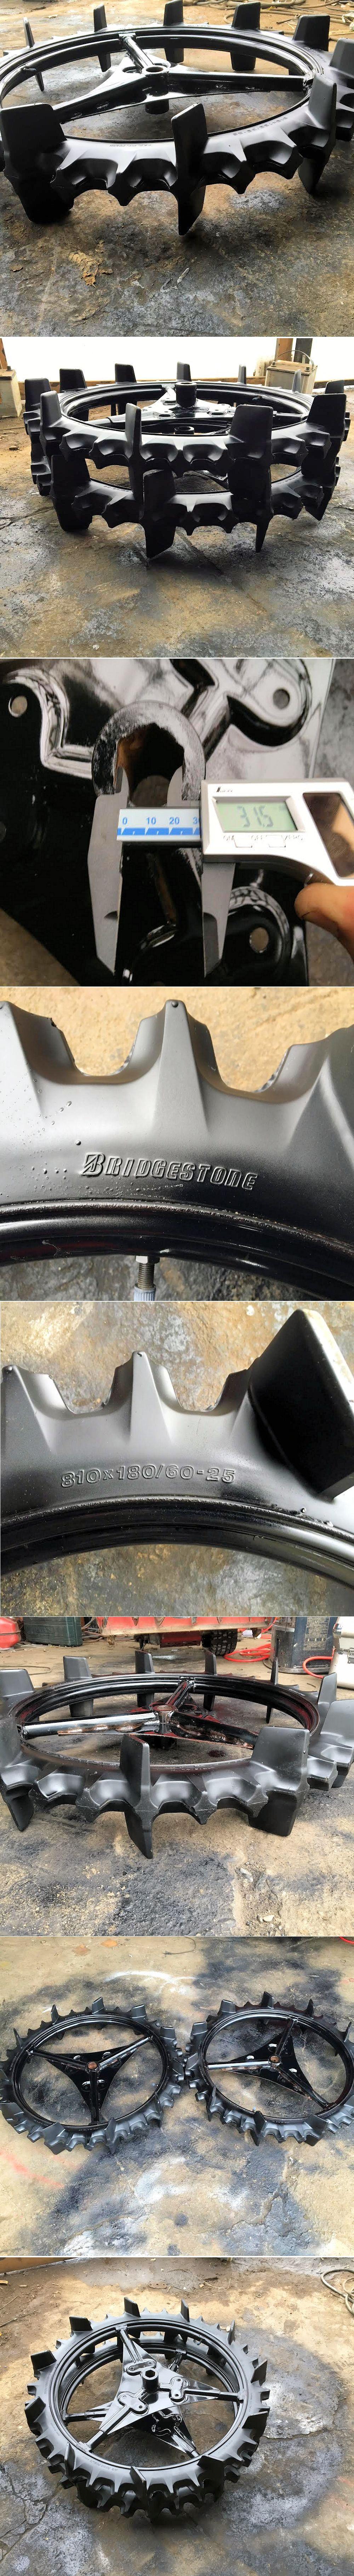 クボタ 田植機タイヤ 後輪 タイヤサイズ 810×180/60-25 極上美品